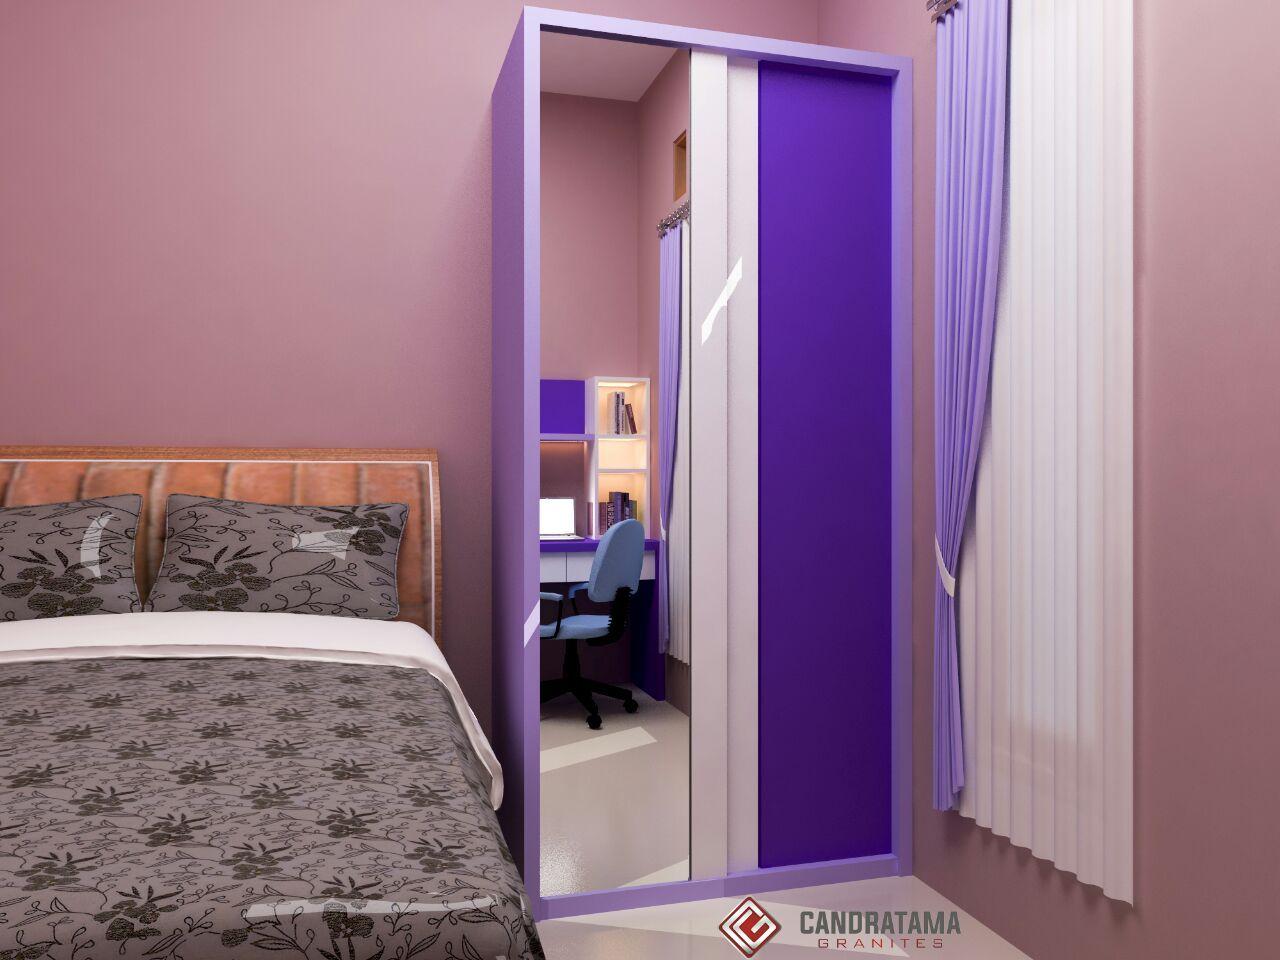 Kamar Tidur Cewek Interior Malang Ide Dekorasi Rumah Interior Kamar Tidur Minimalis